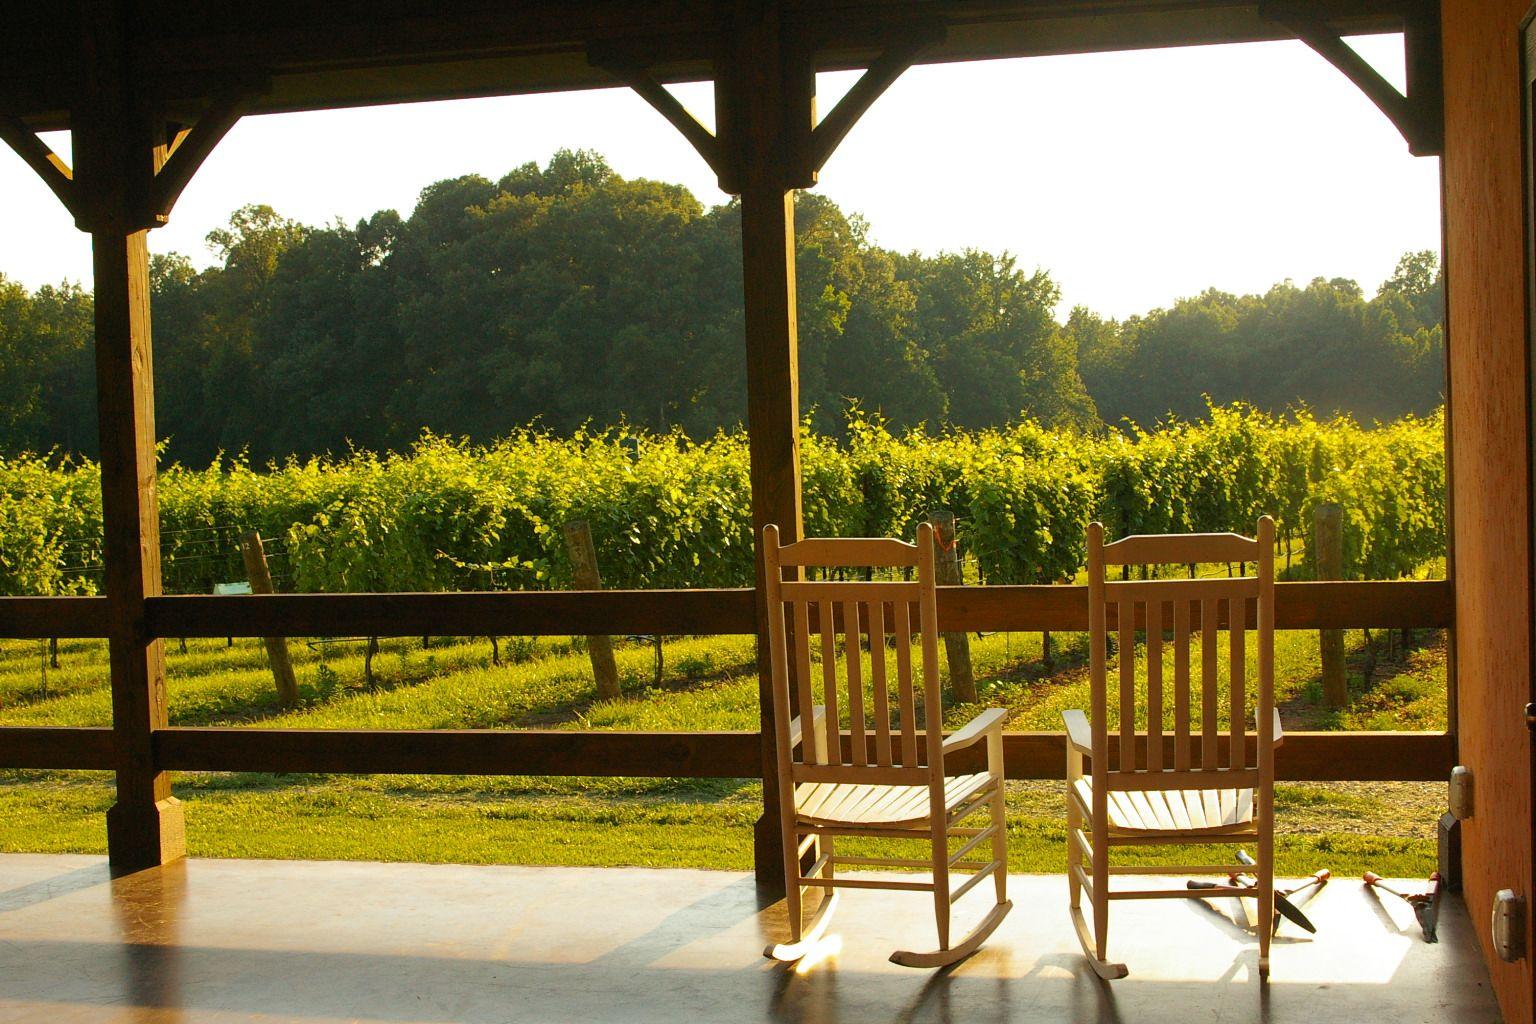 Yadkin Valley in North Carolina a miniNapa with